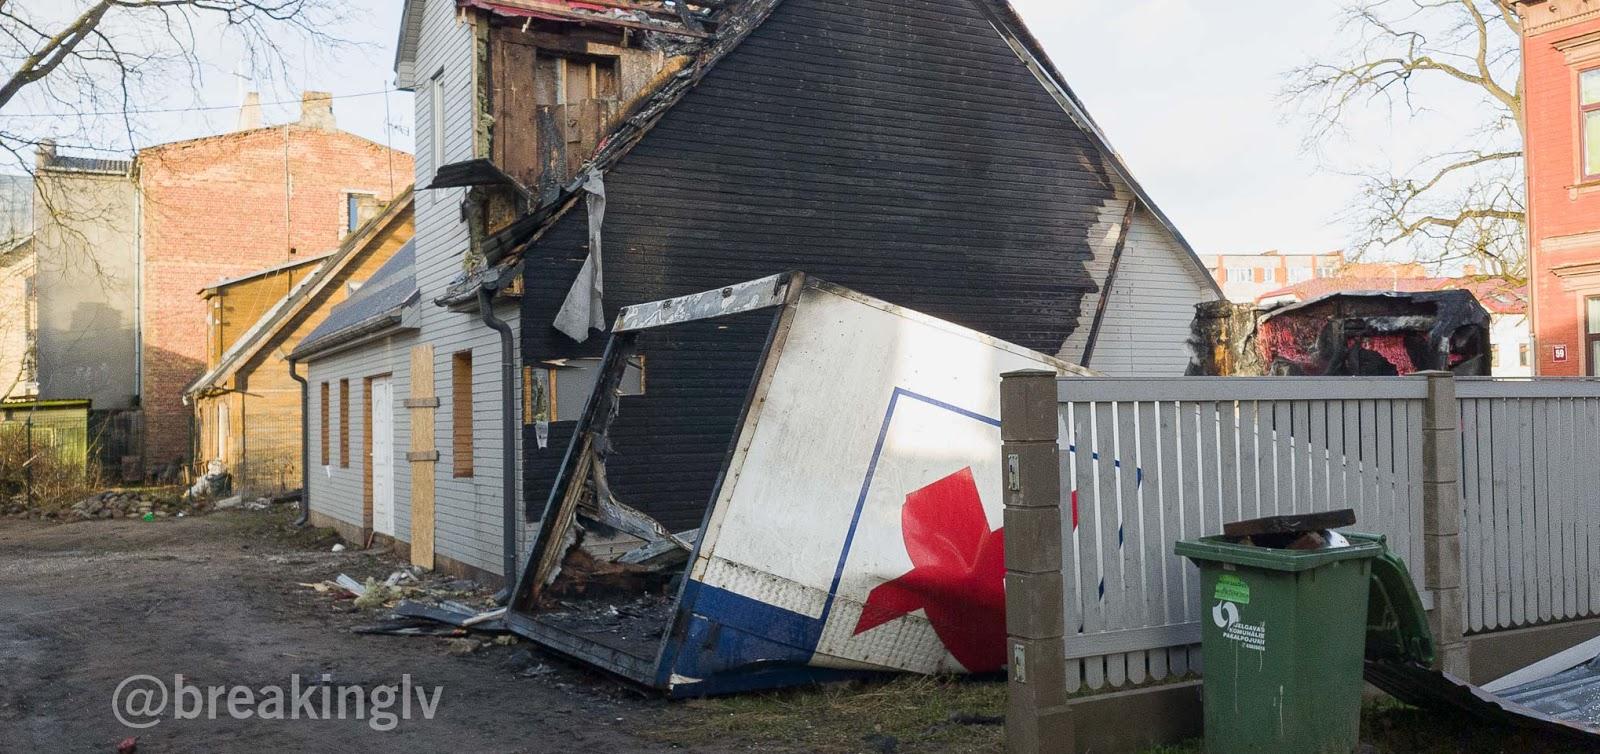 Dzīvojamās koka mājas bojājumi no ugunsgrēka